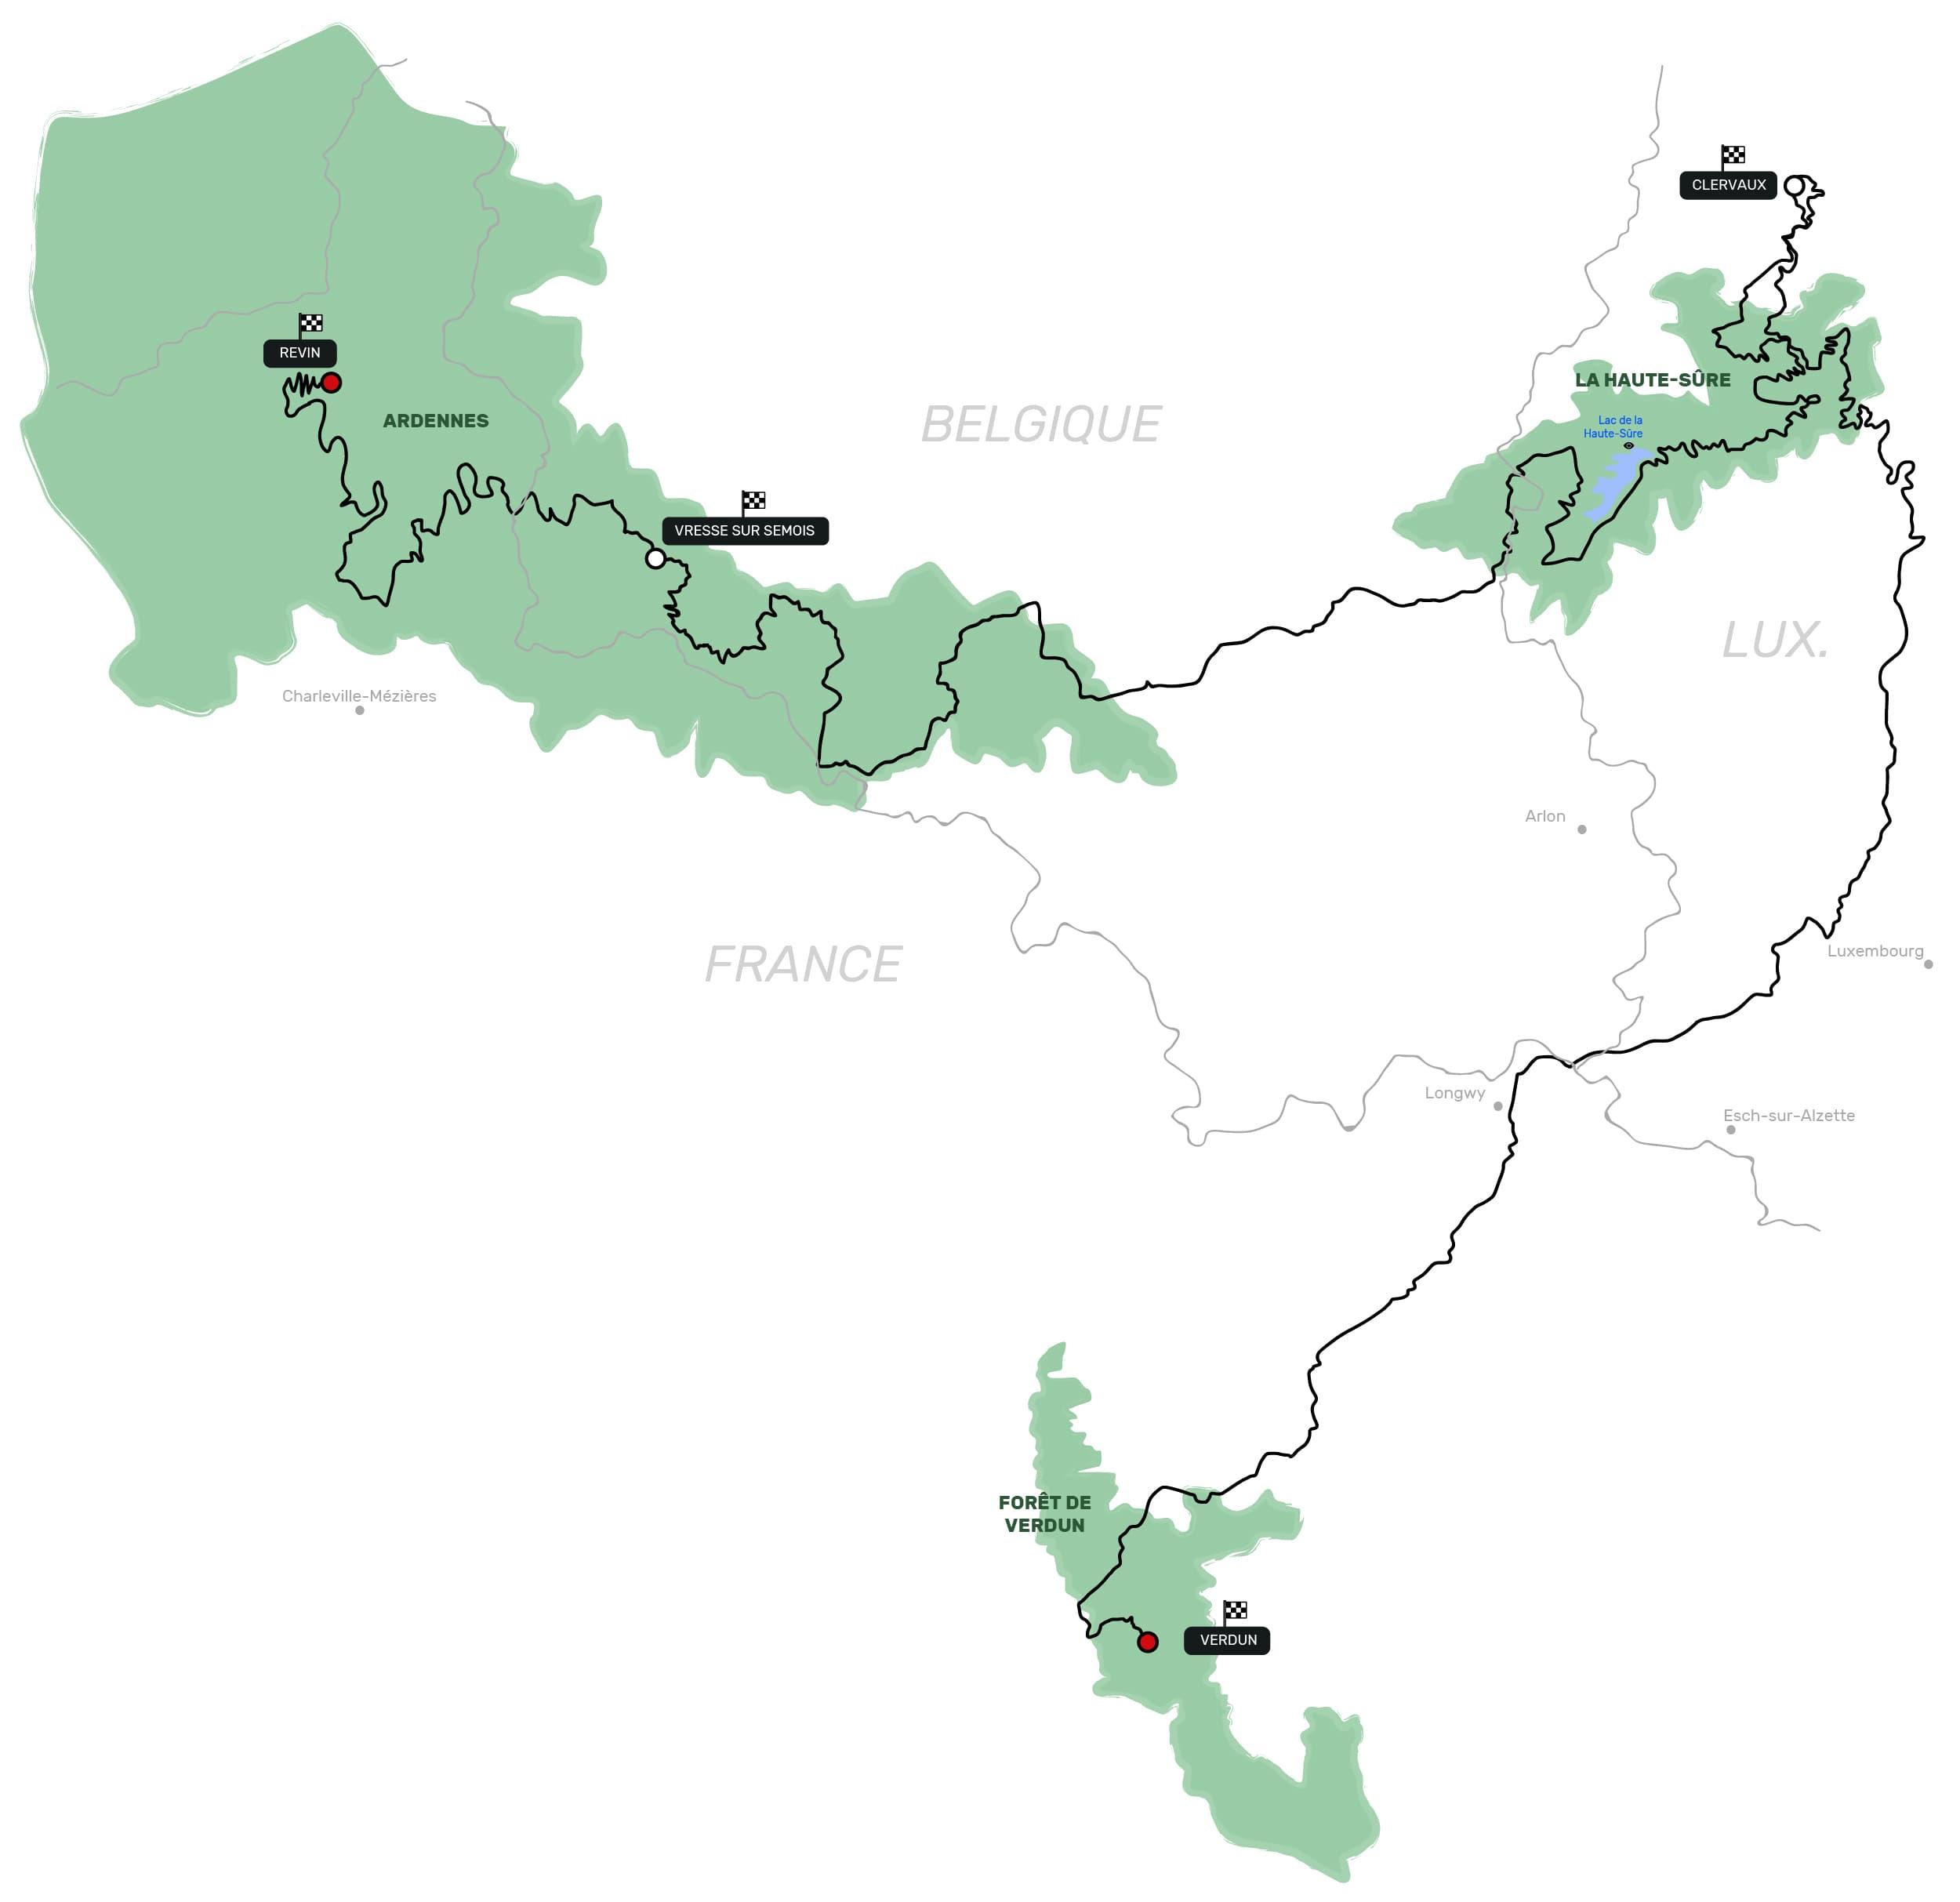 tracé itinéraire carte roadtrip gotrip voitures sportives luxembourg vallée sûre Luxembourg Belgique Ardennes